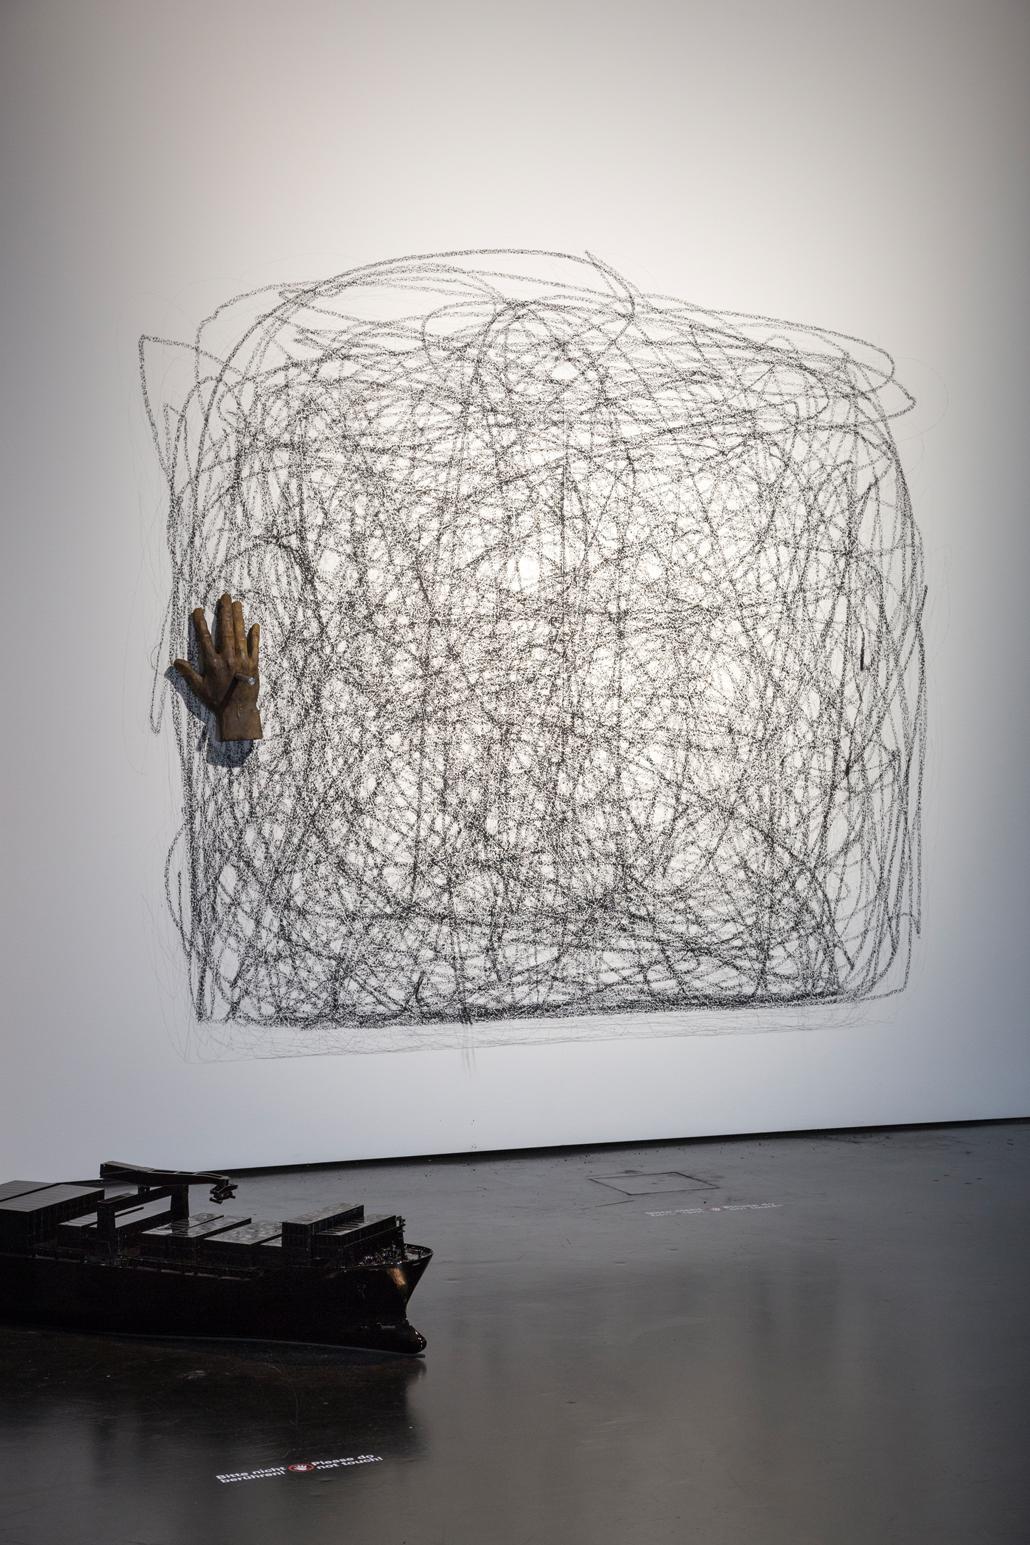 Eine bekritzelte Wand. Daneben hängt ein Handschuh